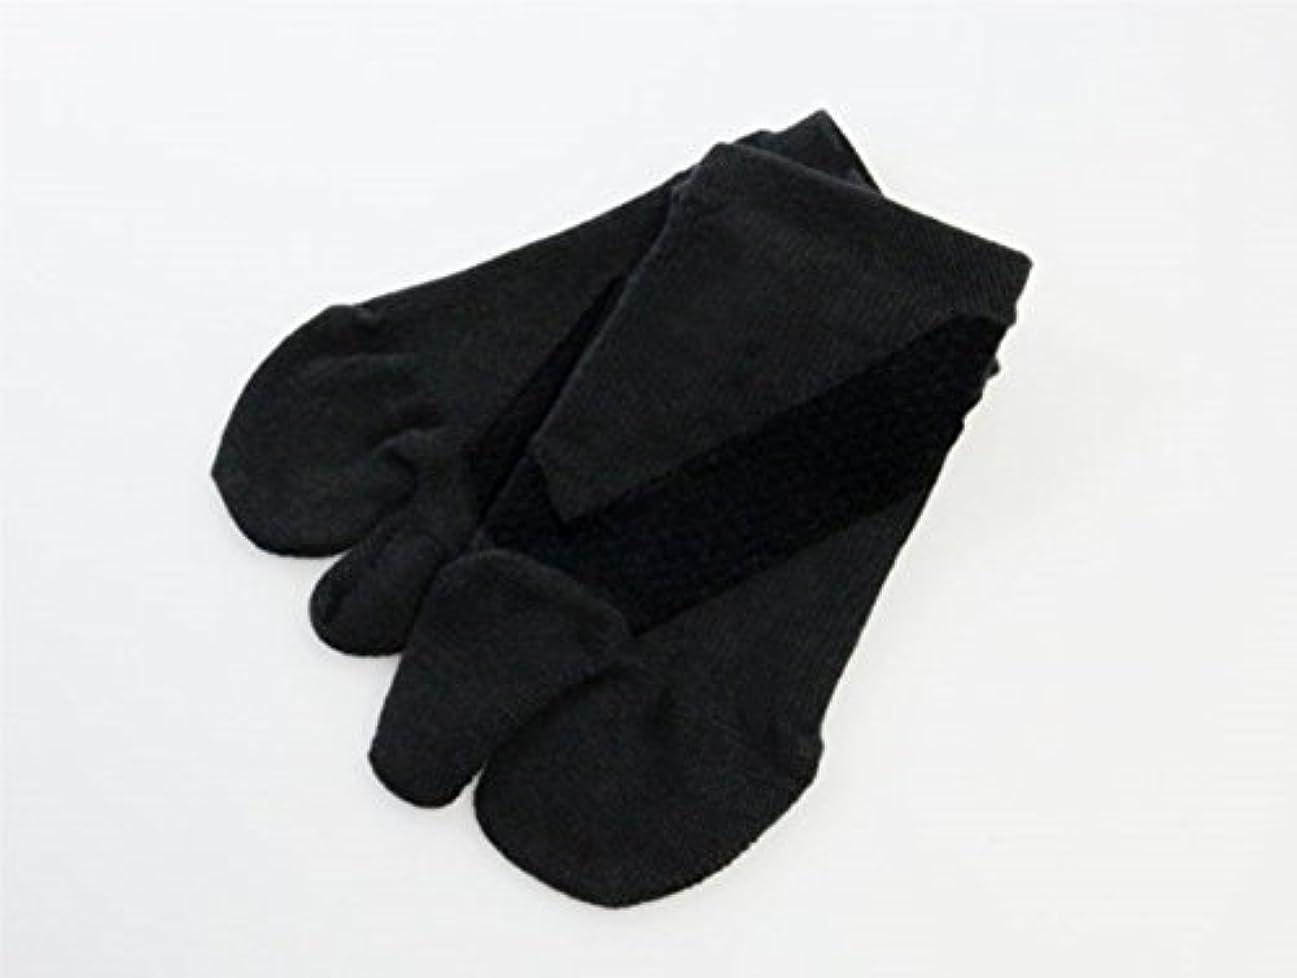 むしゃむしゃステープル指導するさとう式 フレクサーソックス スニーカータイプ 黒 (M) 足袋型